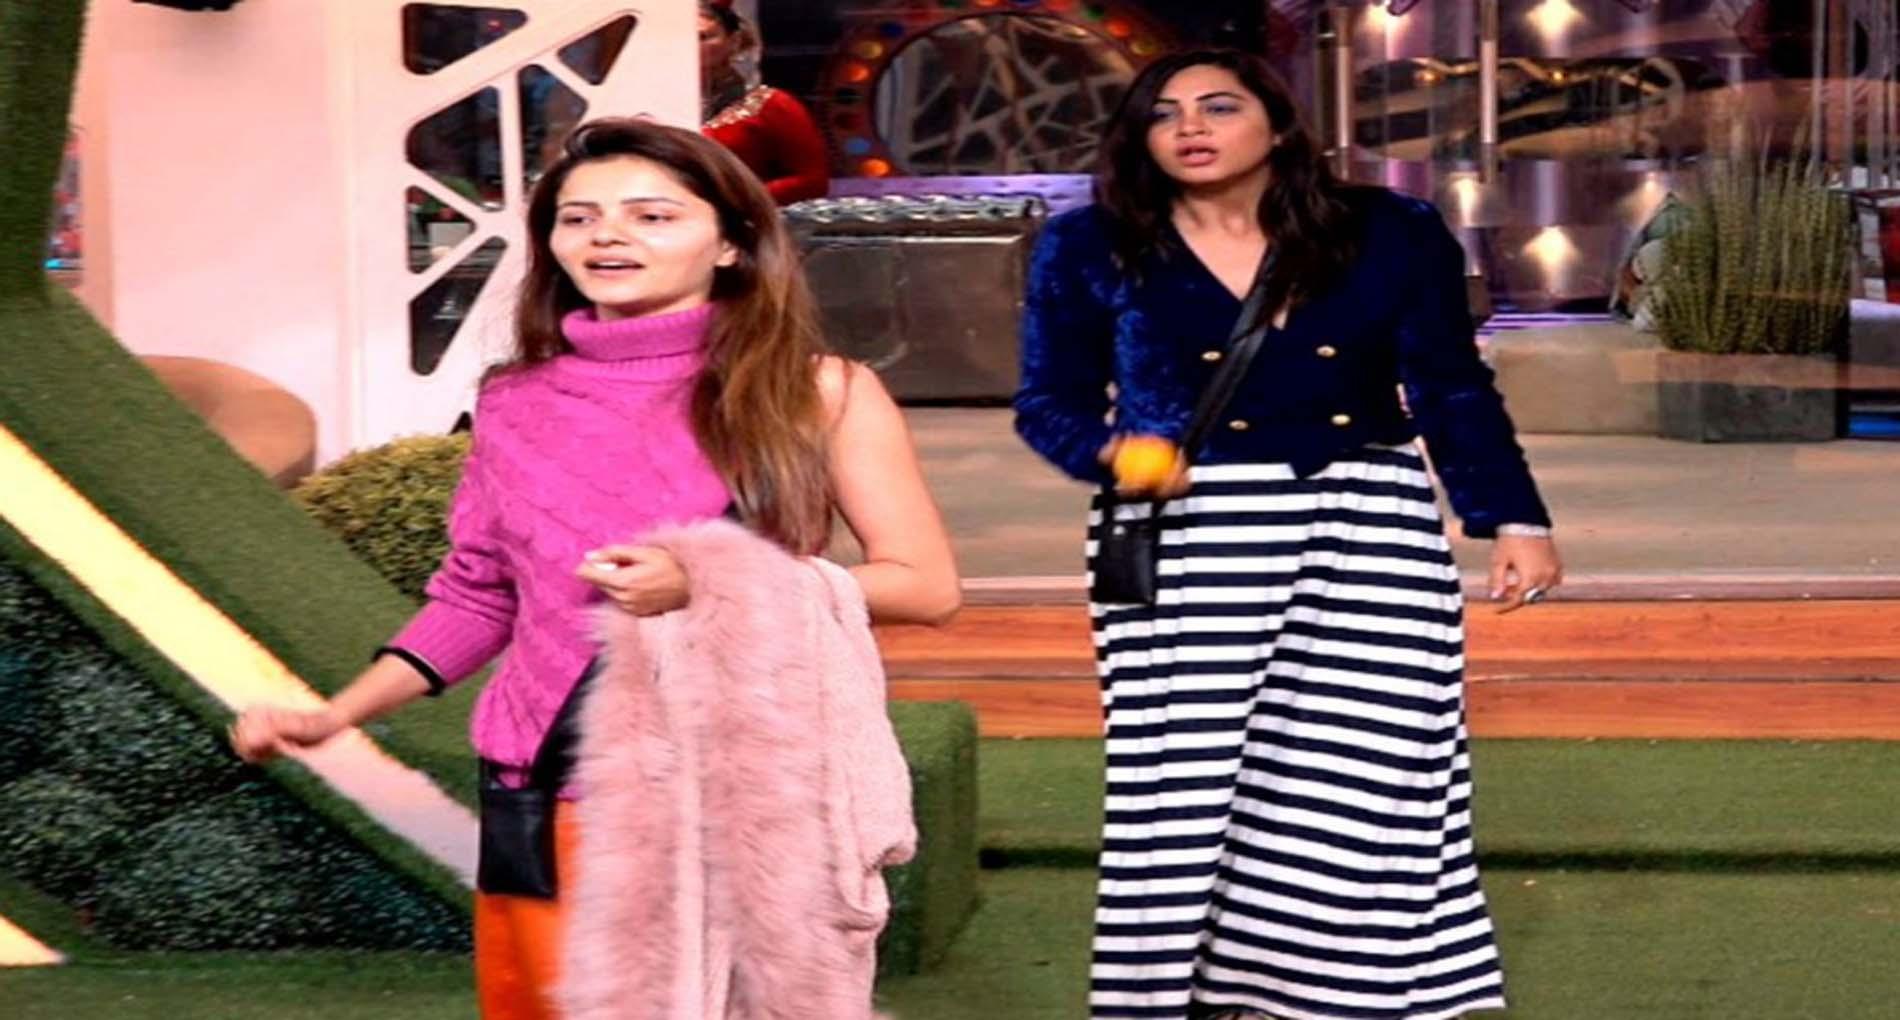 Bigg boss 14: रुबीना दिलैक से भिंडी अर्शी खान! जैस्मिन भसीन ने बहाए जमकर आंसू